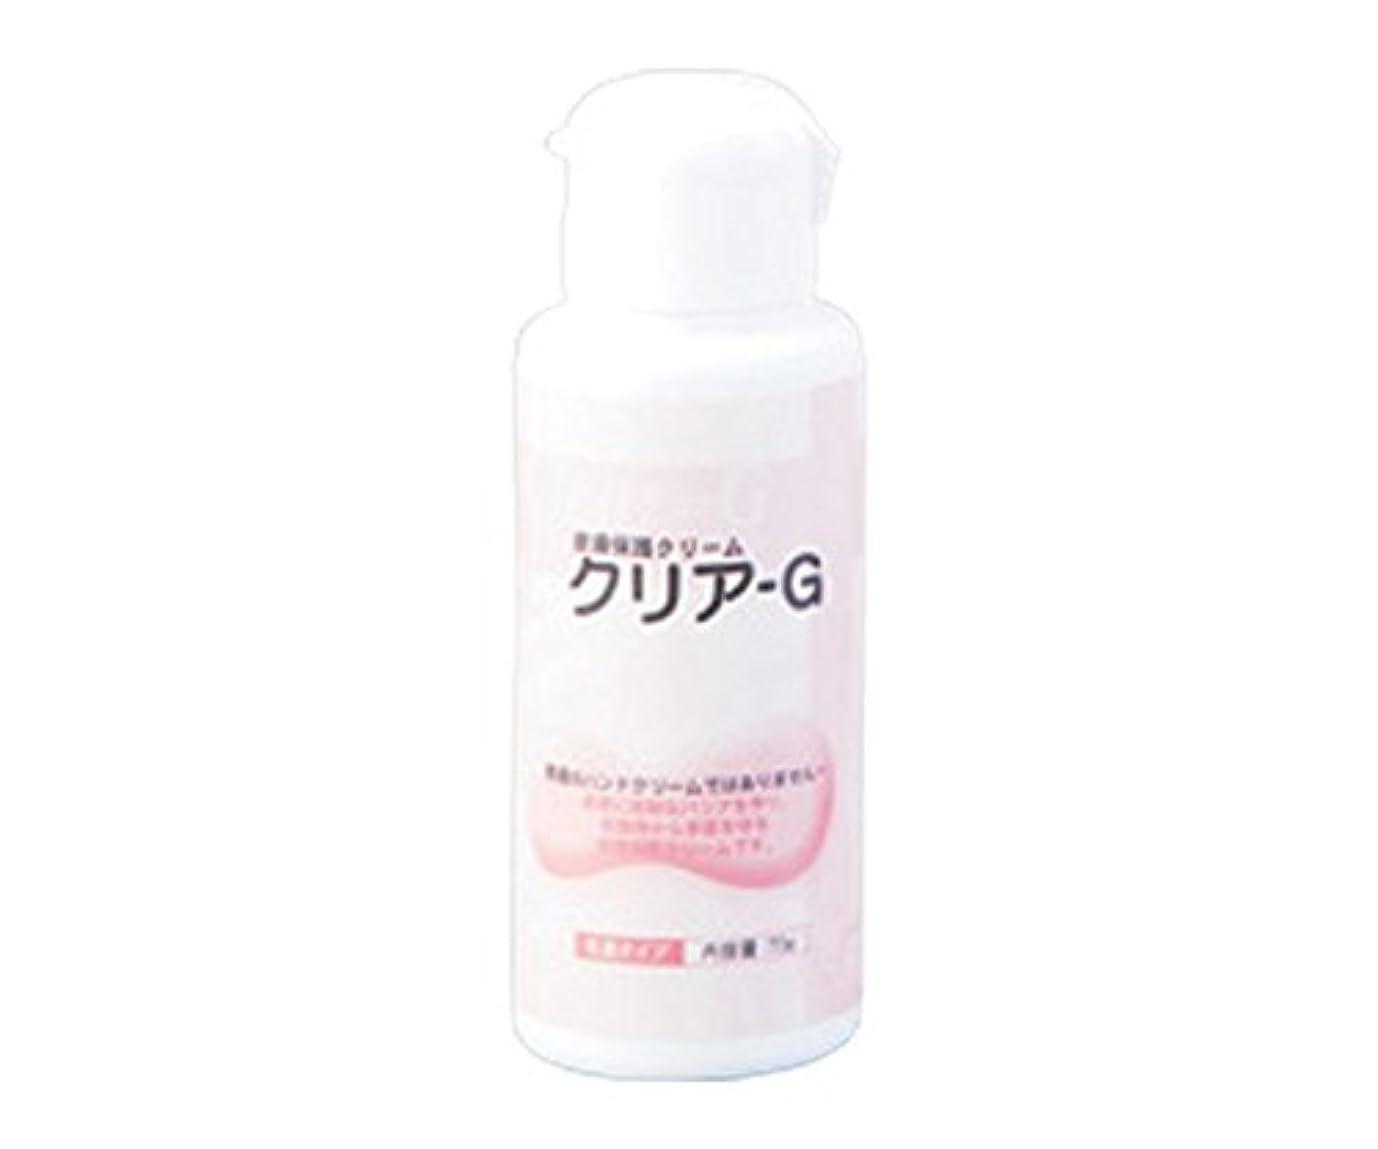 みなさん例示する致命的皮膚保護クリーム(クリア-G) 70g